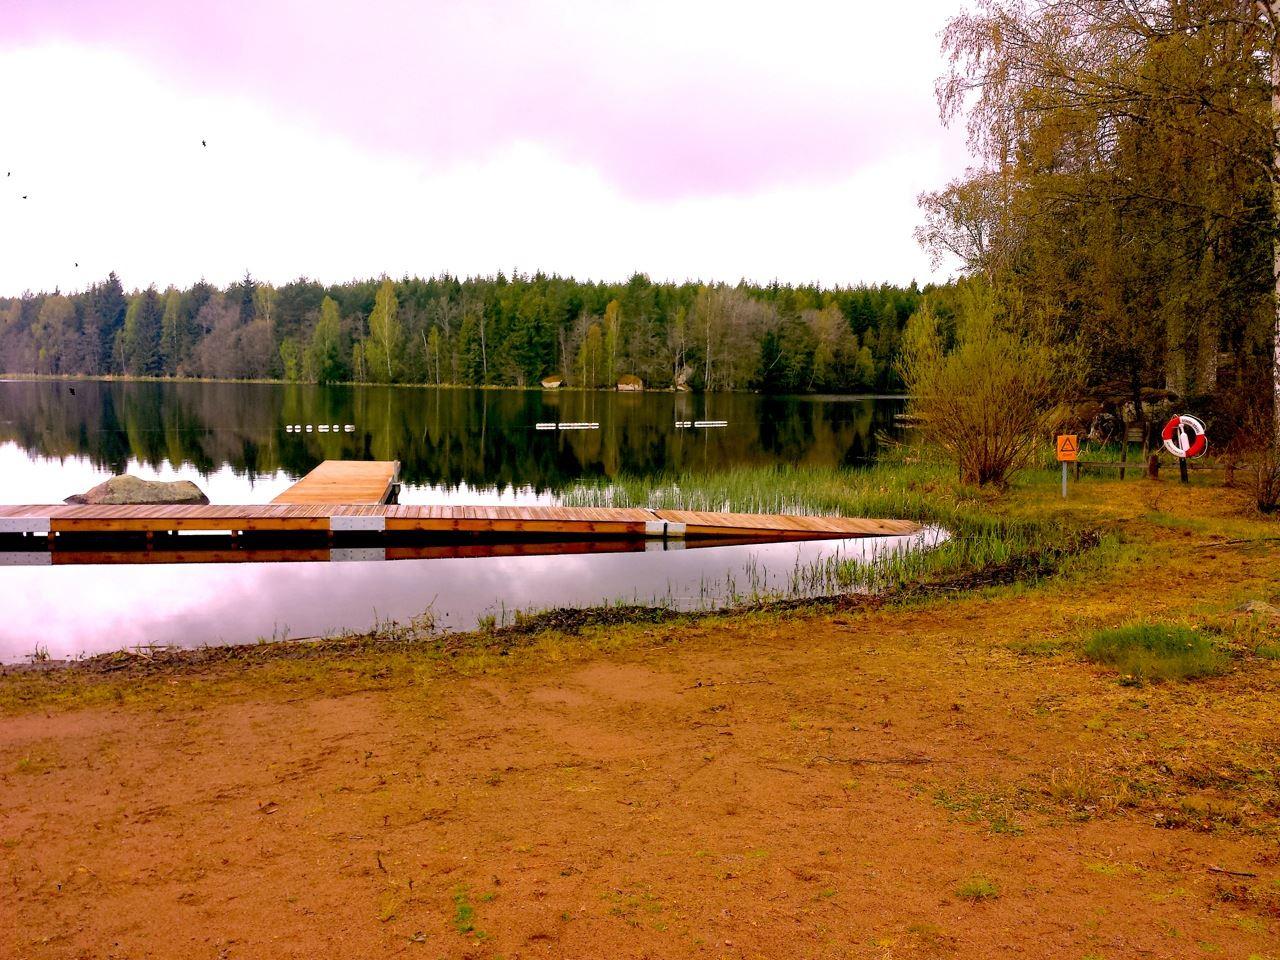 © Storkens camping, Storkens Ställplats